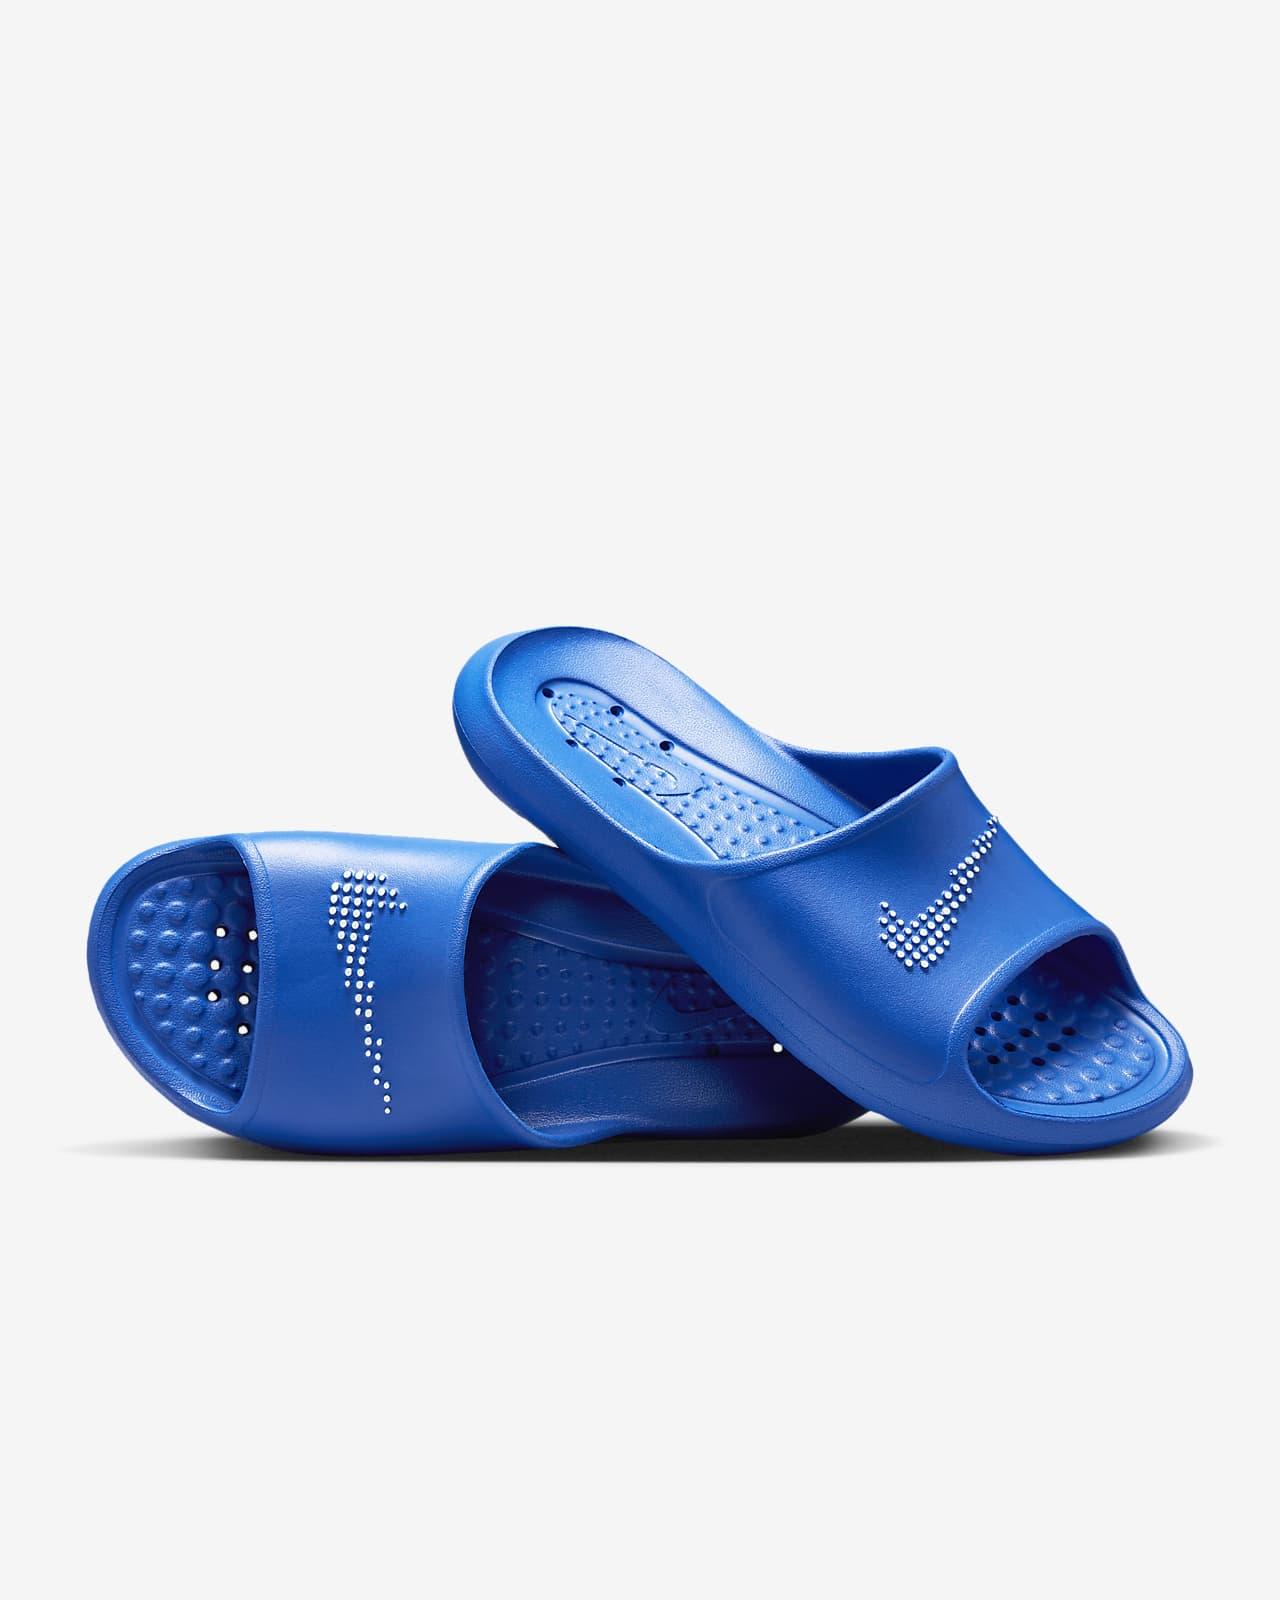 Nike Victori One Herren-Badeslipper